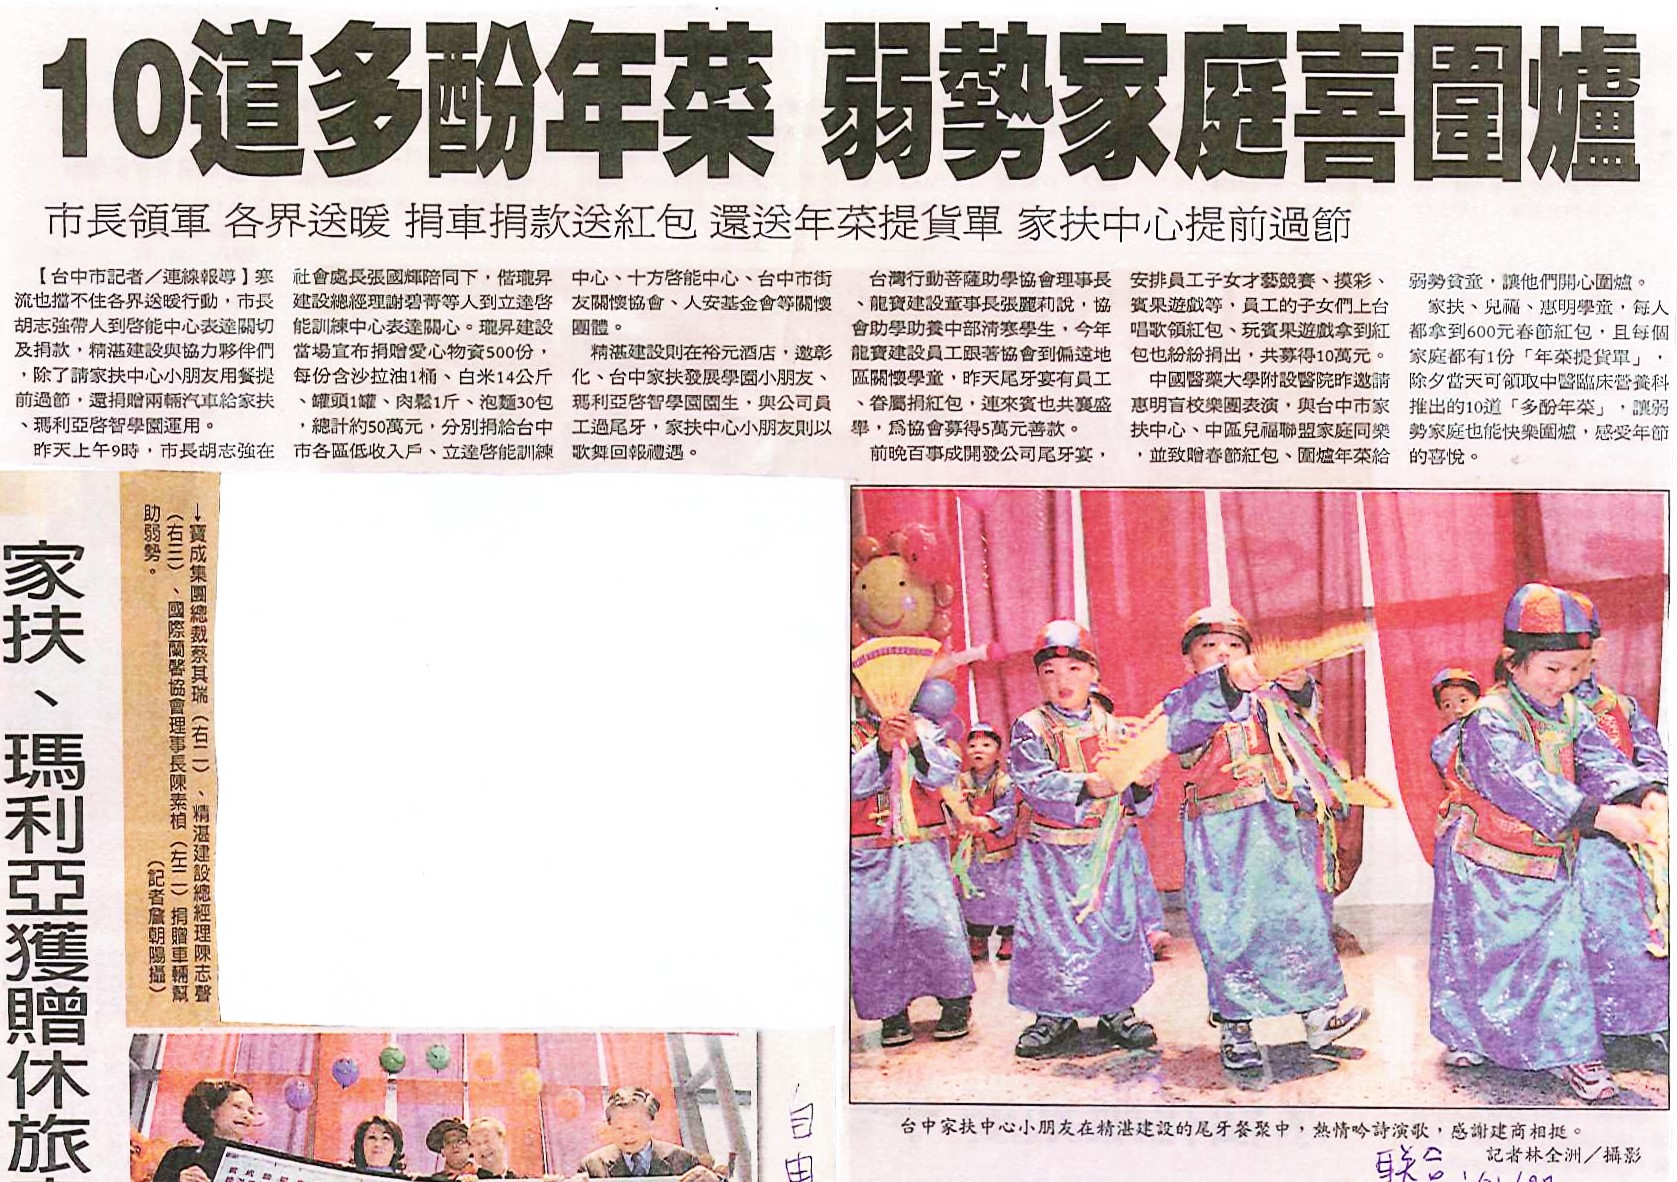 20080131 聯合報_10道多酚年菜 弱勢家庭喜圍爐 (2)